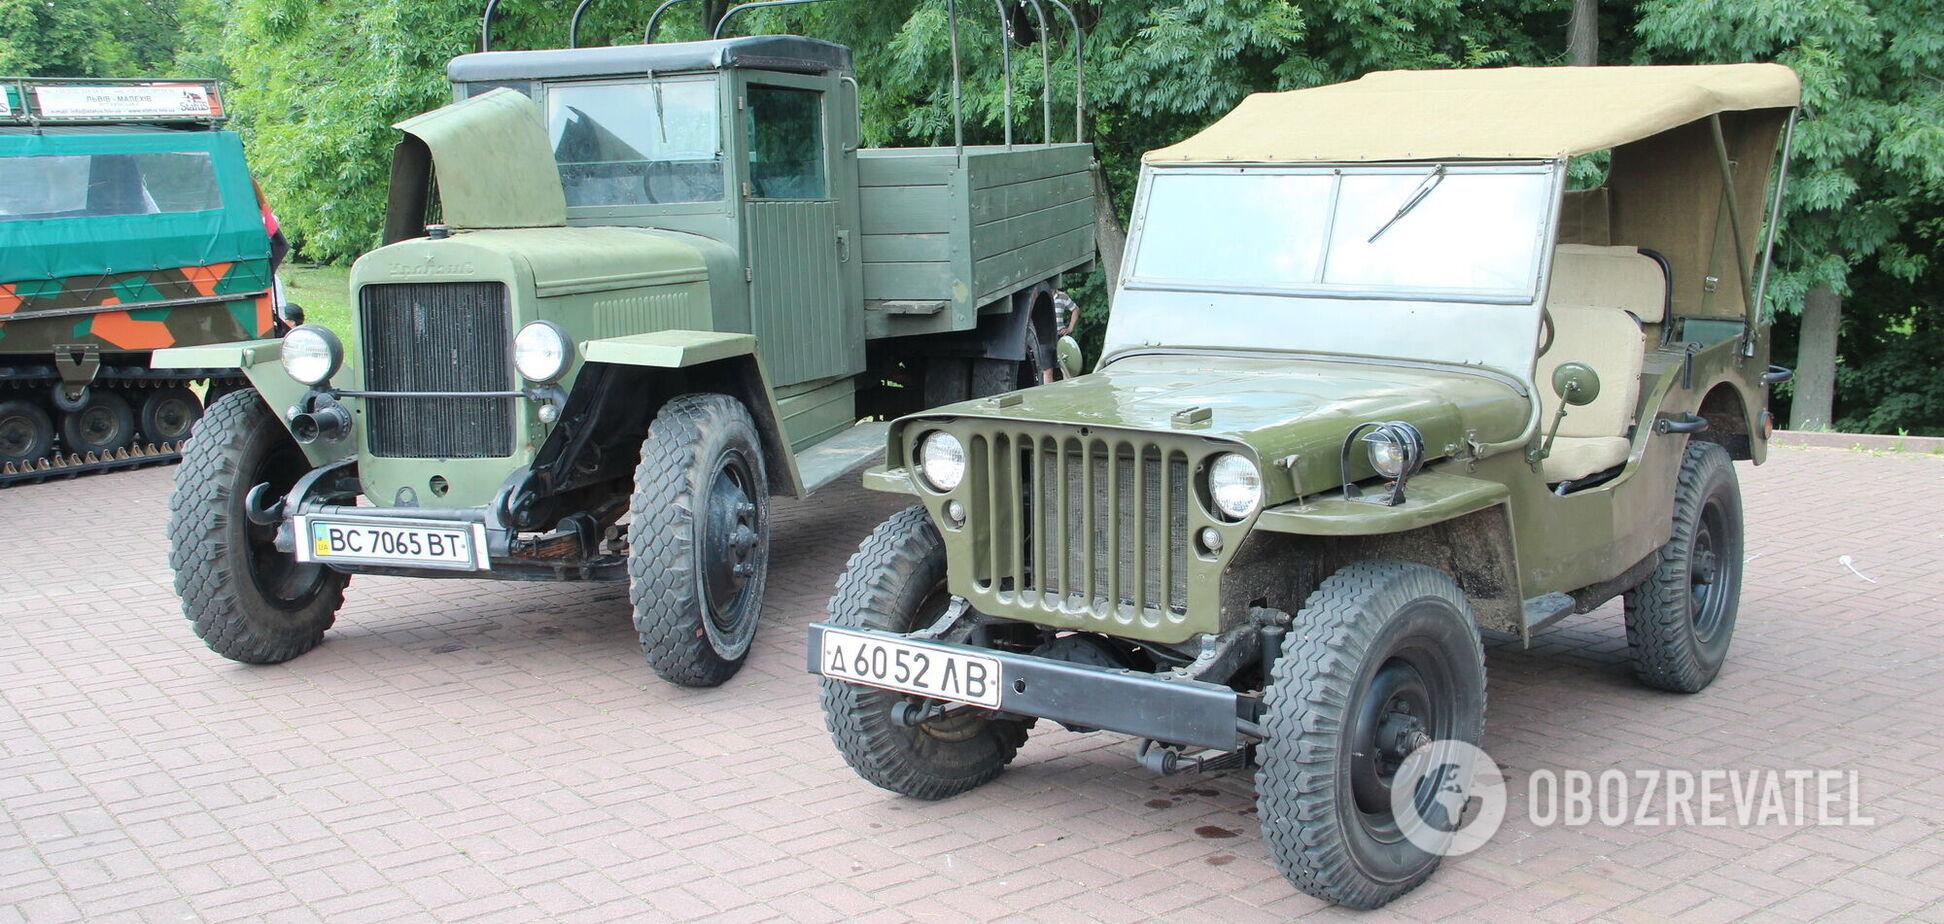 Вспоминаем автомобили, которые помогли одержать победу над нацизмом